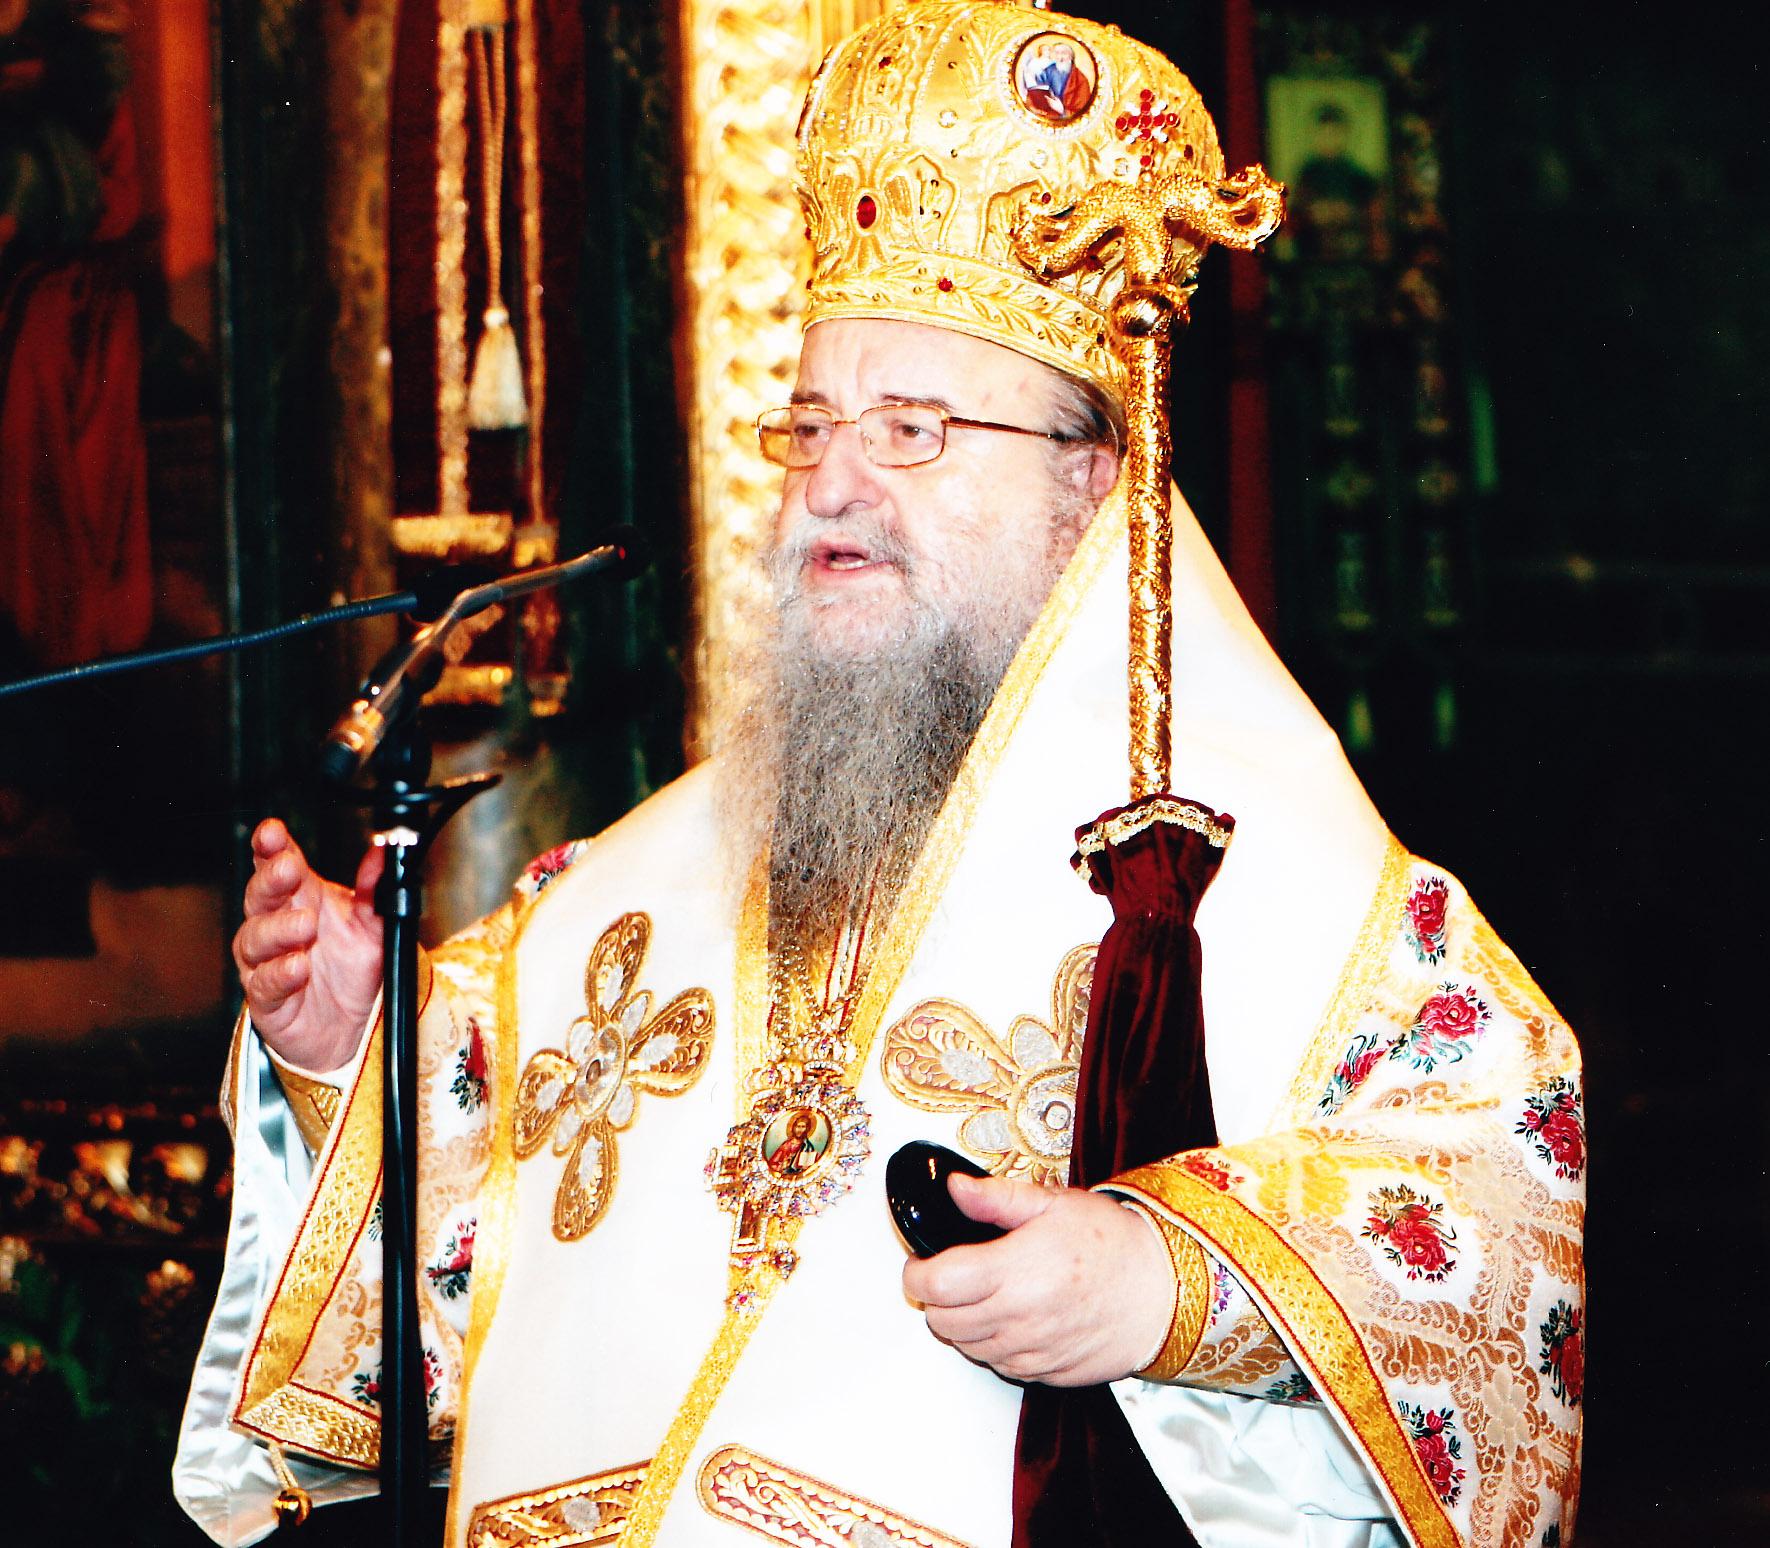 Ο Μητροπολίτης Θεσσαλονίκης κ.κ.Άνθιμος ομιλών